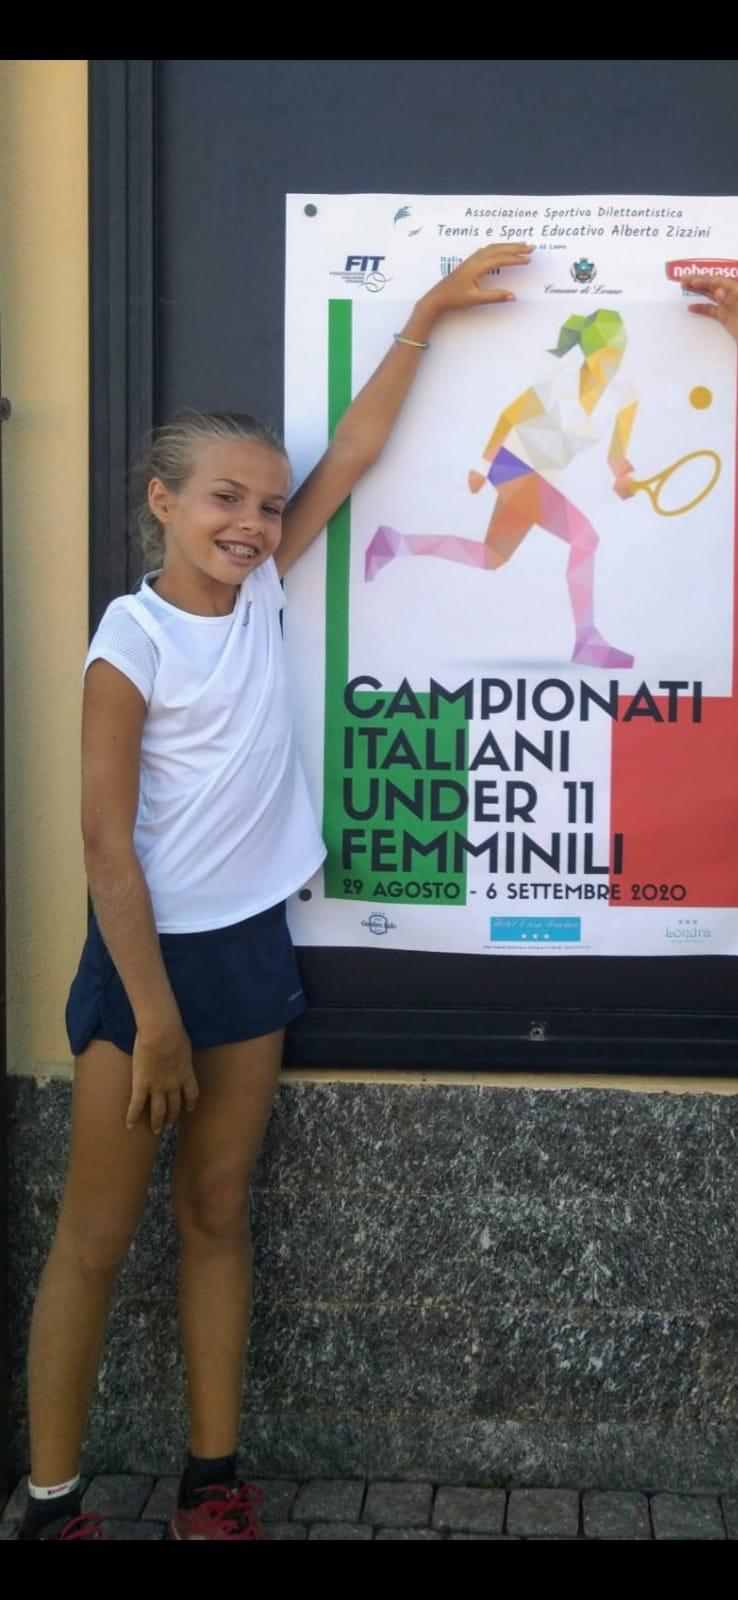 Giulianova, Sara La Noce in semifinale ai Campionati Italiani Under 11 femminili di Tennis